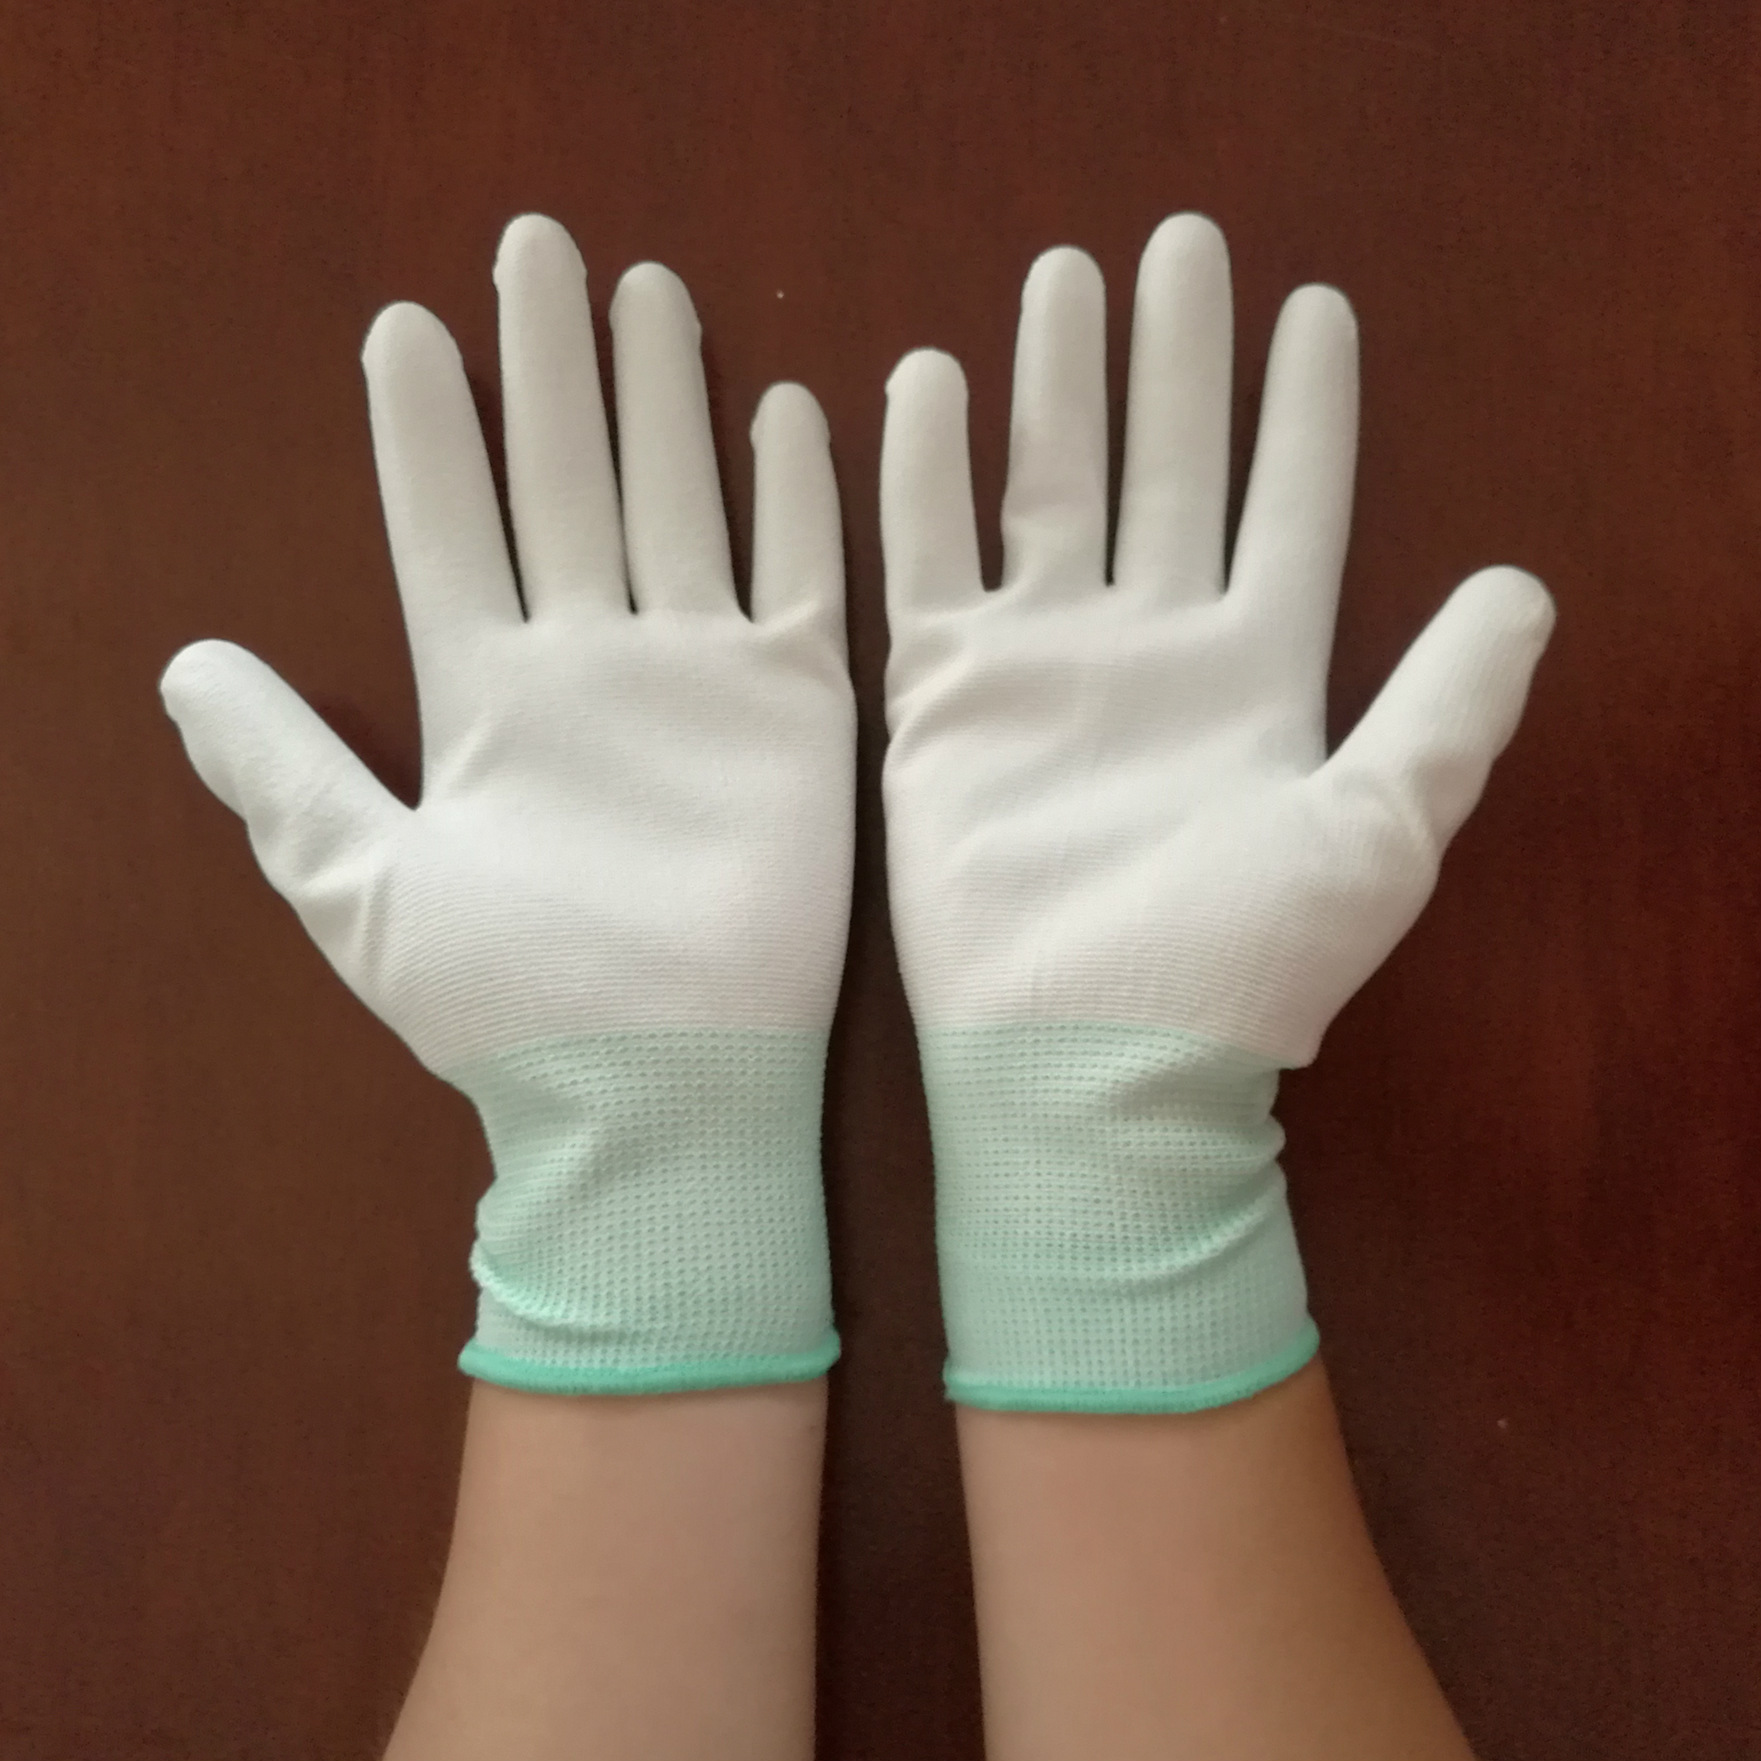 Găng tay bảo hộ Găng tay cọ phủ Pu chống tĩnh điện nhúng ngón tay nhúng găng tay chống trượt bảo vệ